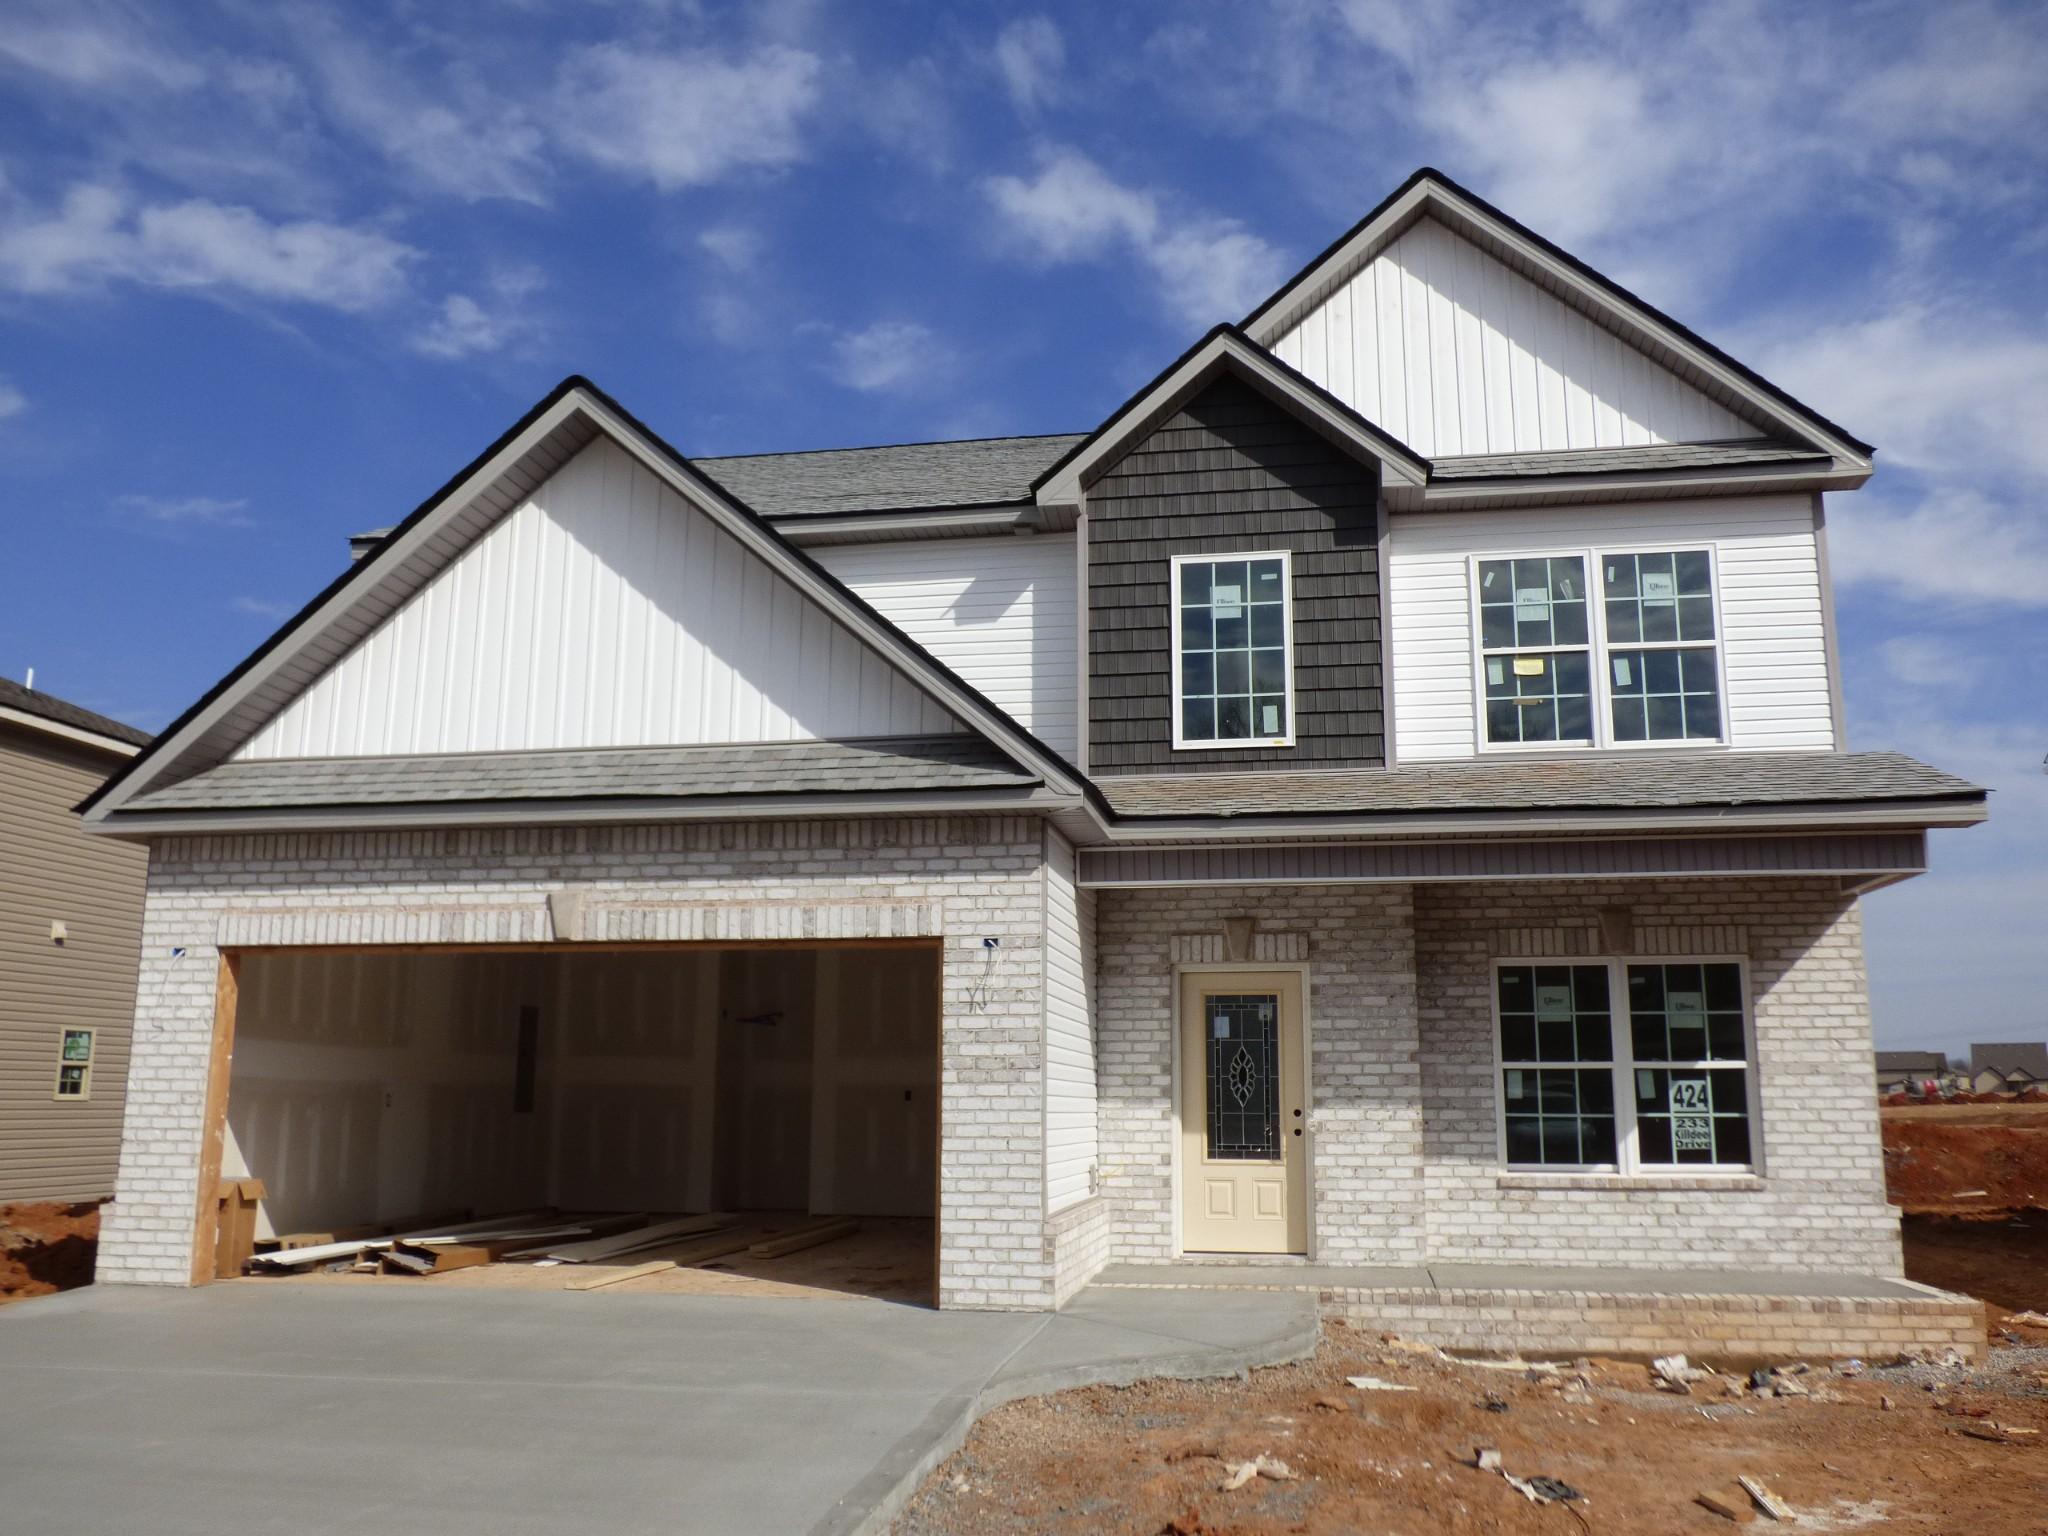 233 Kildeer Dr Property Photo - Clarksville, TN real estate listing